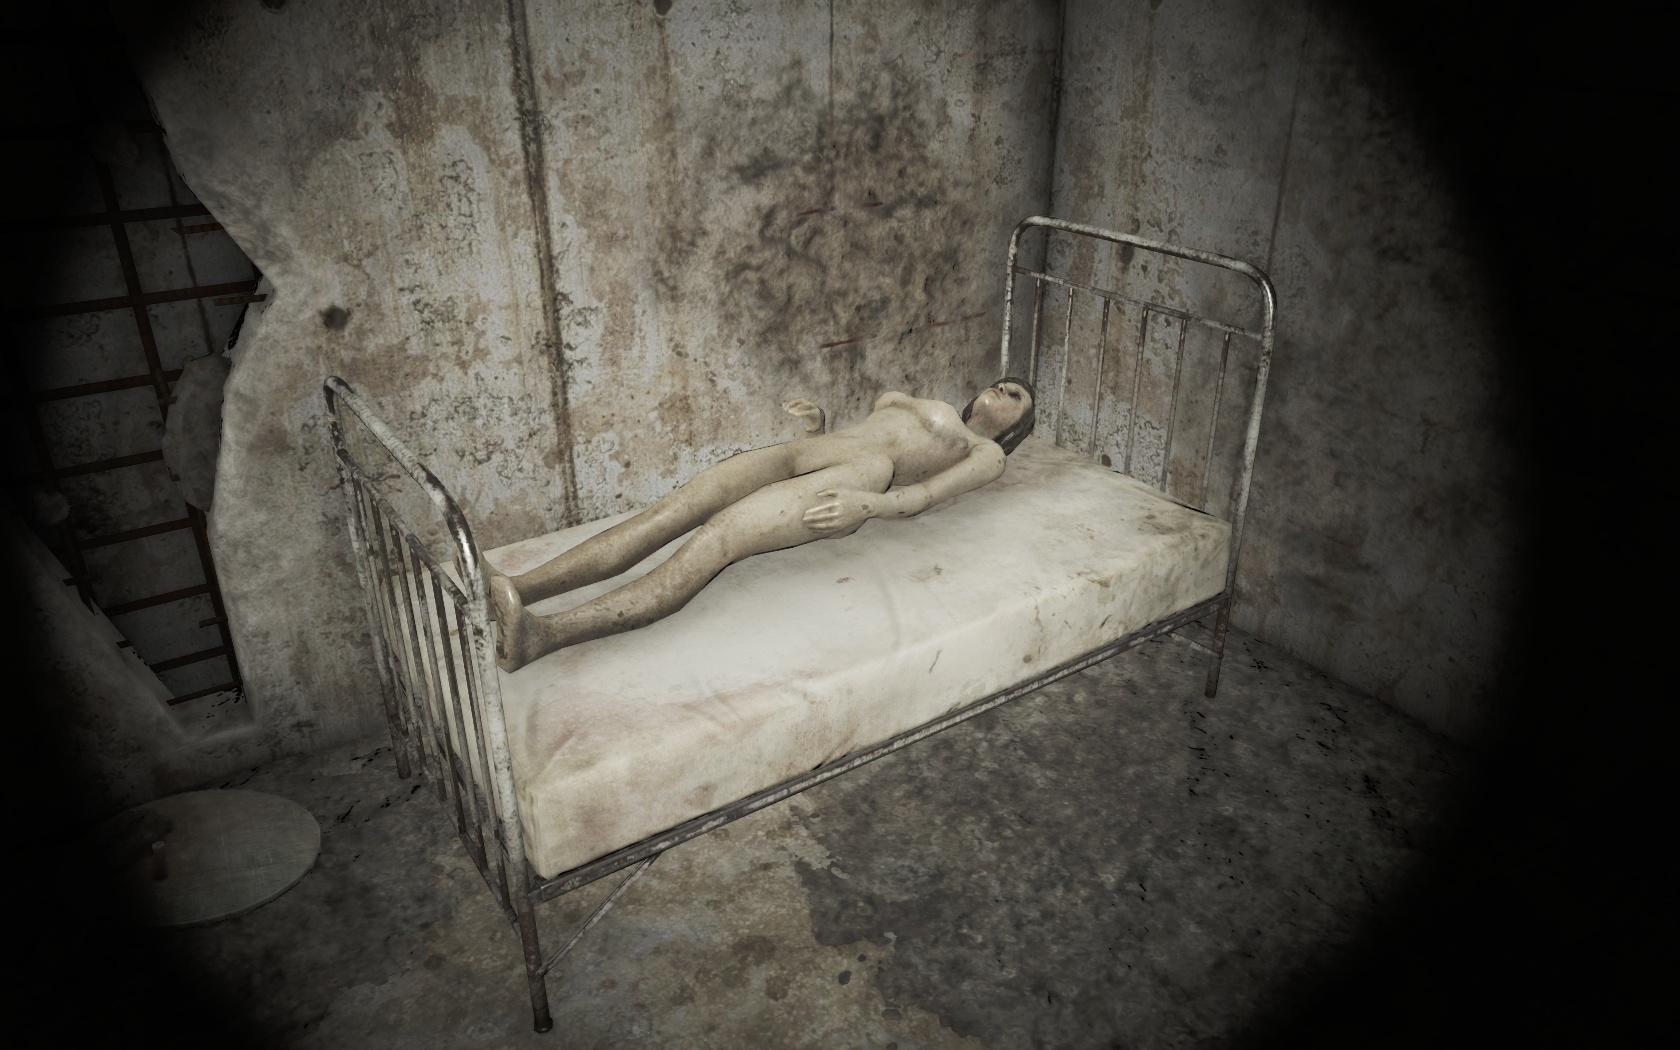 Положили подлечить (Психиатрическая больница Парсонс) - Fallout 4 больница, манекен, Парсонс, Психиатрическая больница Парсонс